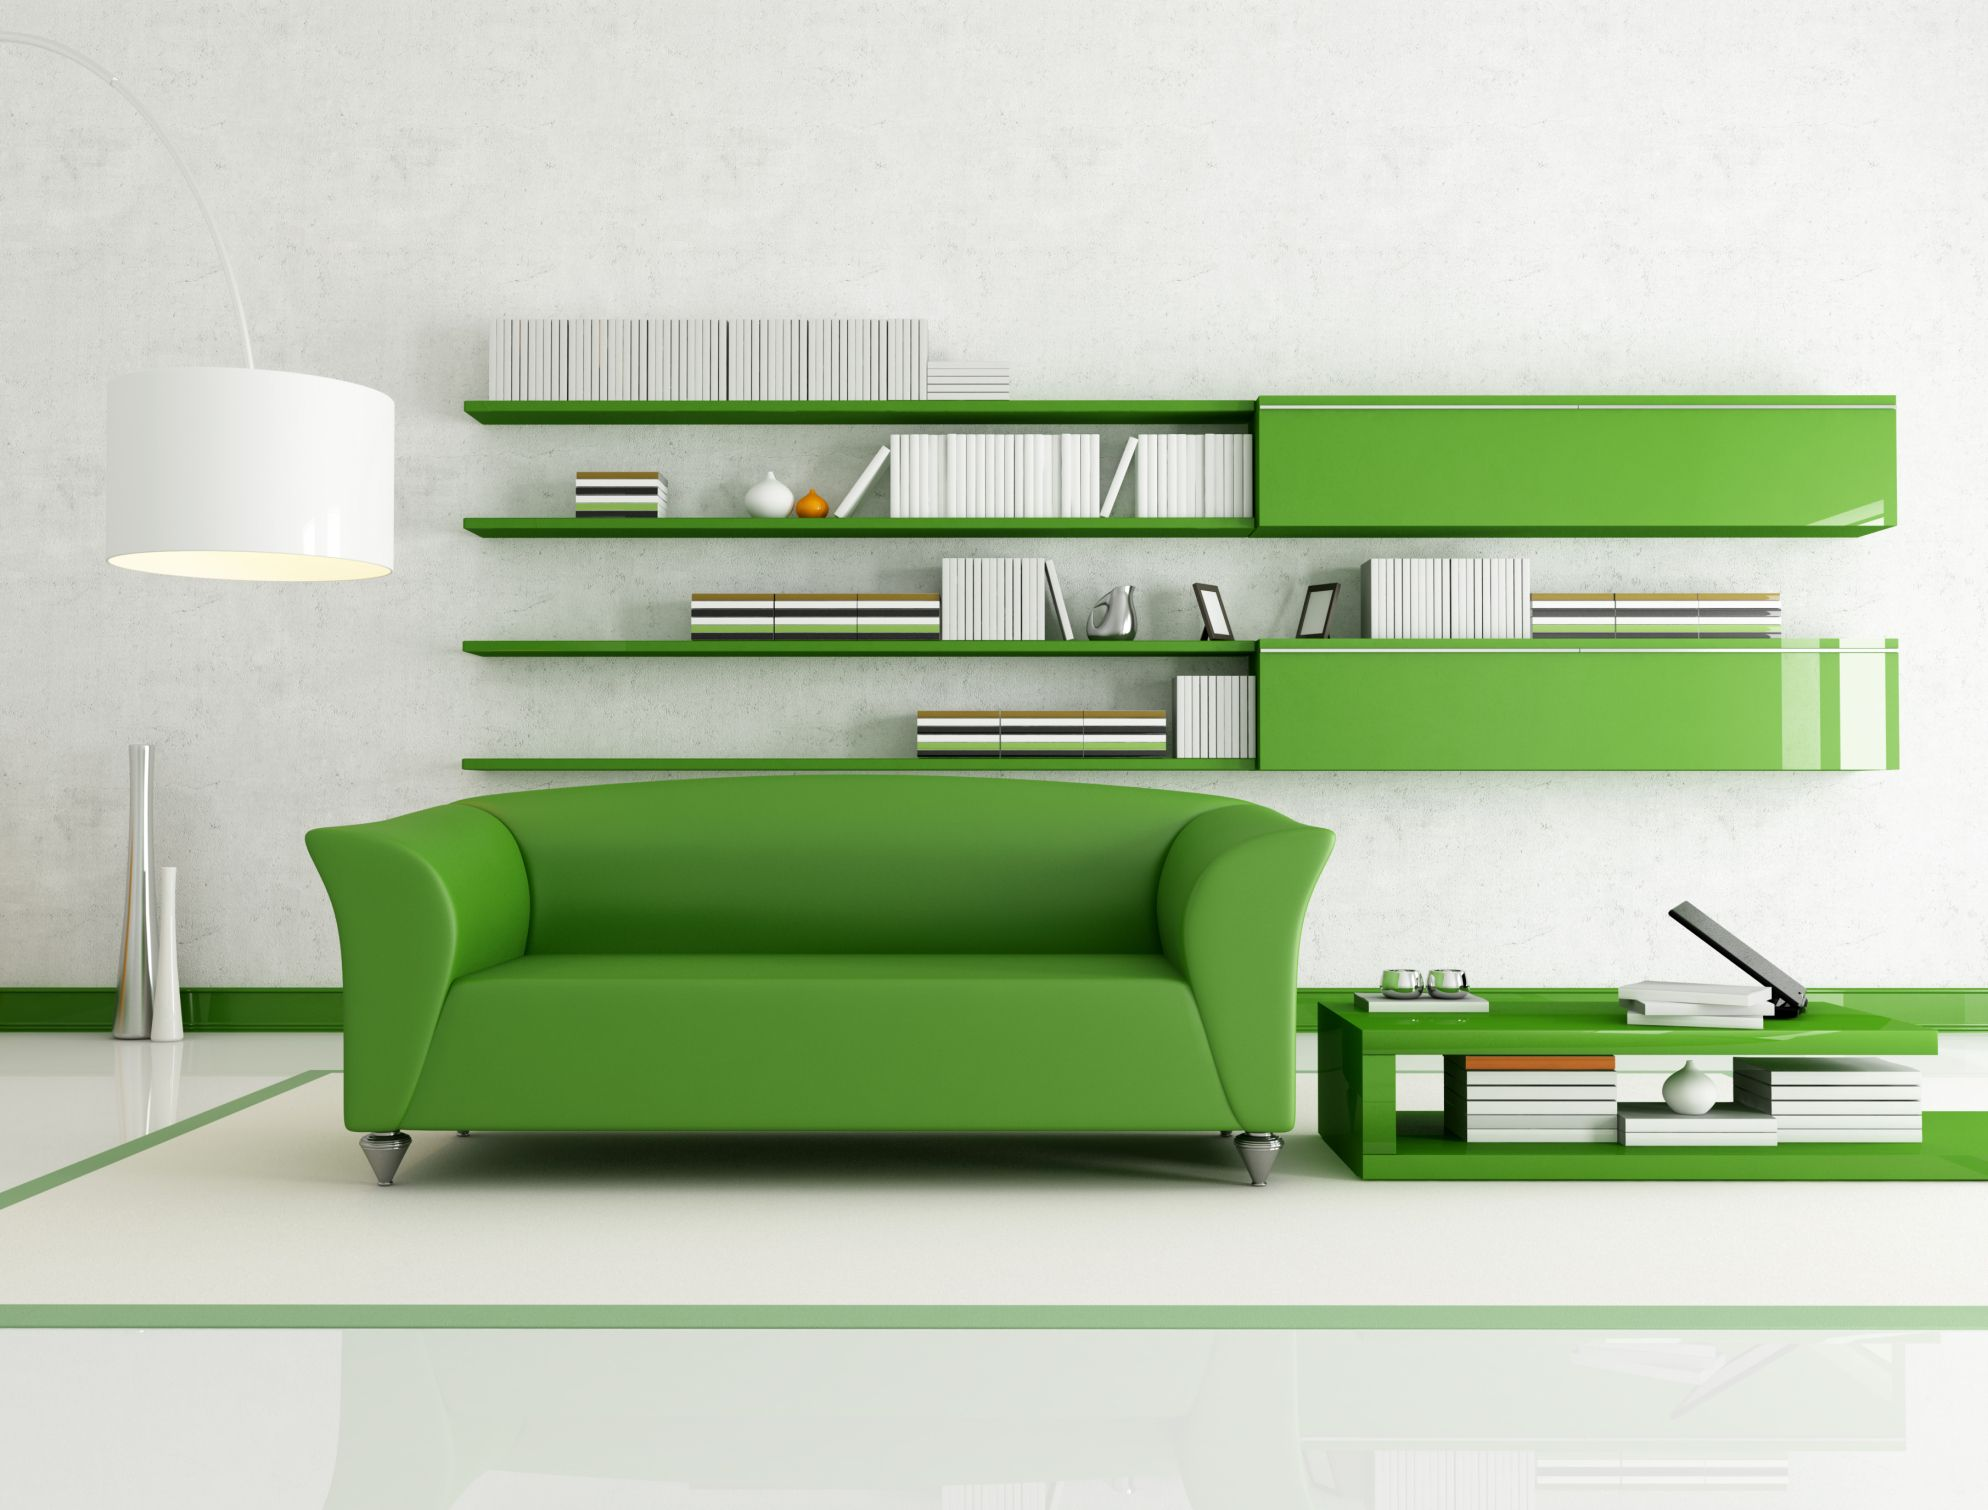 Verde Es El Color Del Equilibrio Y La Armon A Trata El Cansancio